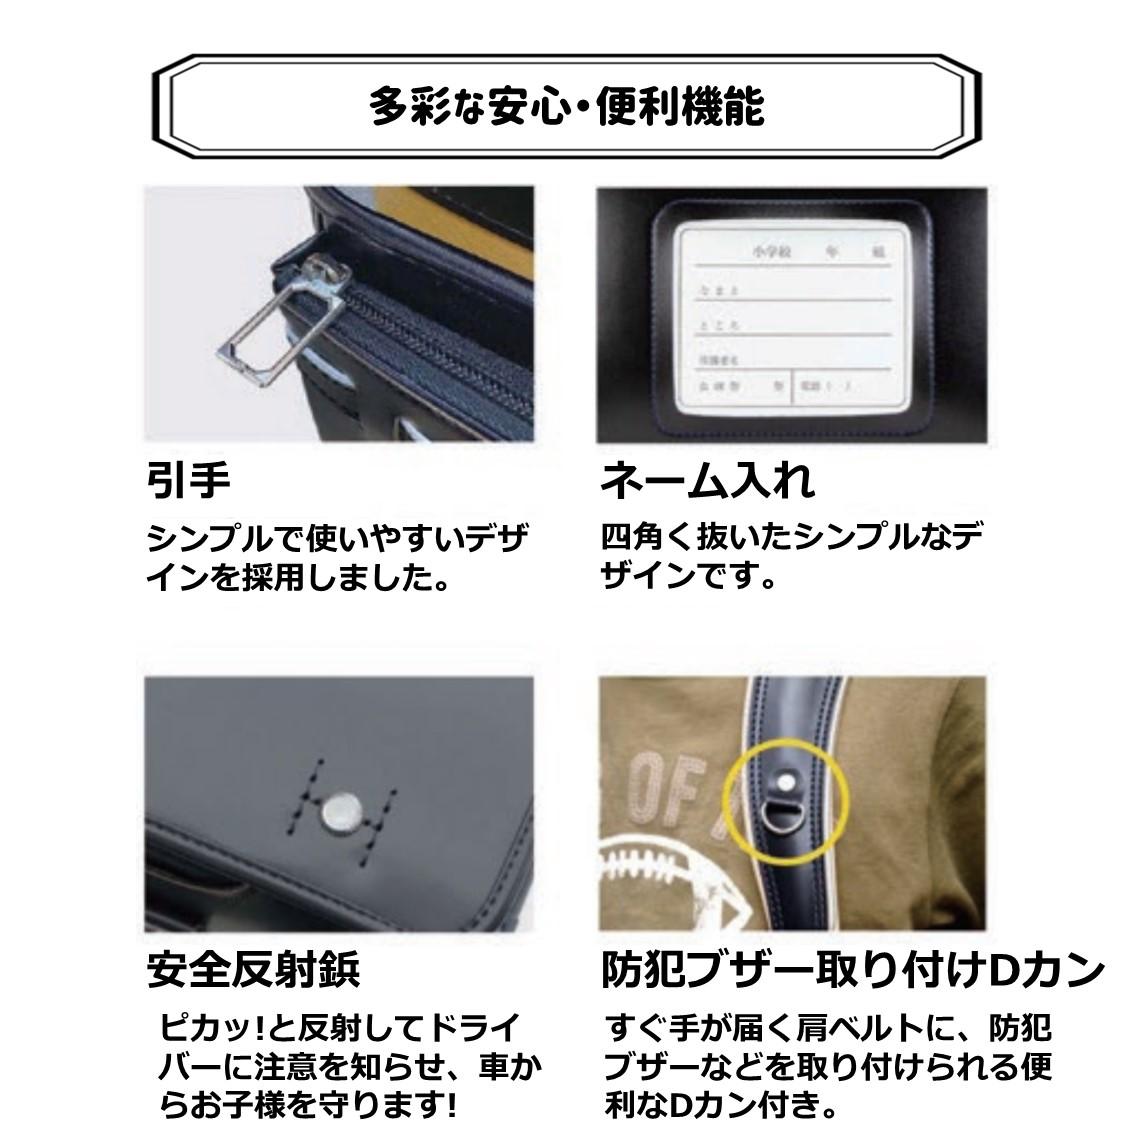 匠シリーズ クラリーノ 紺/スカイ